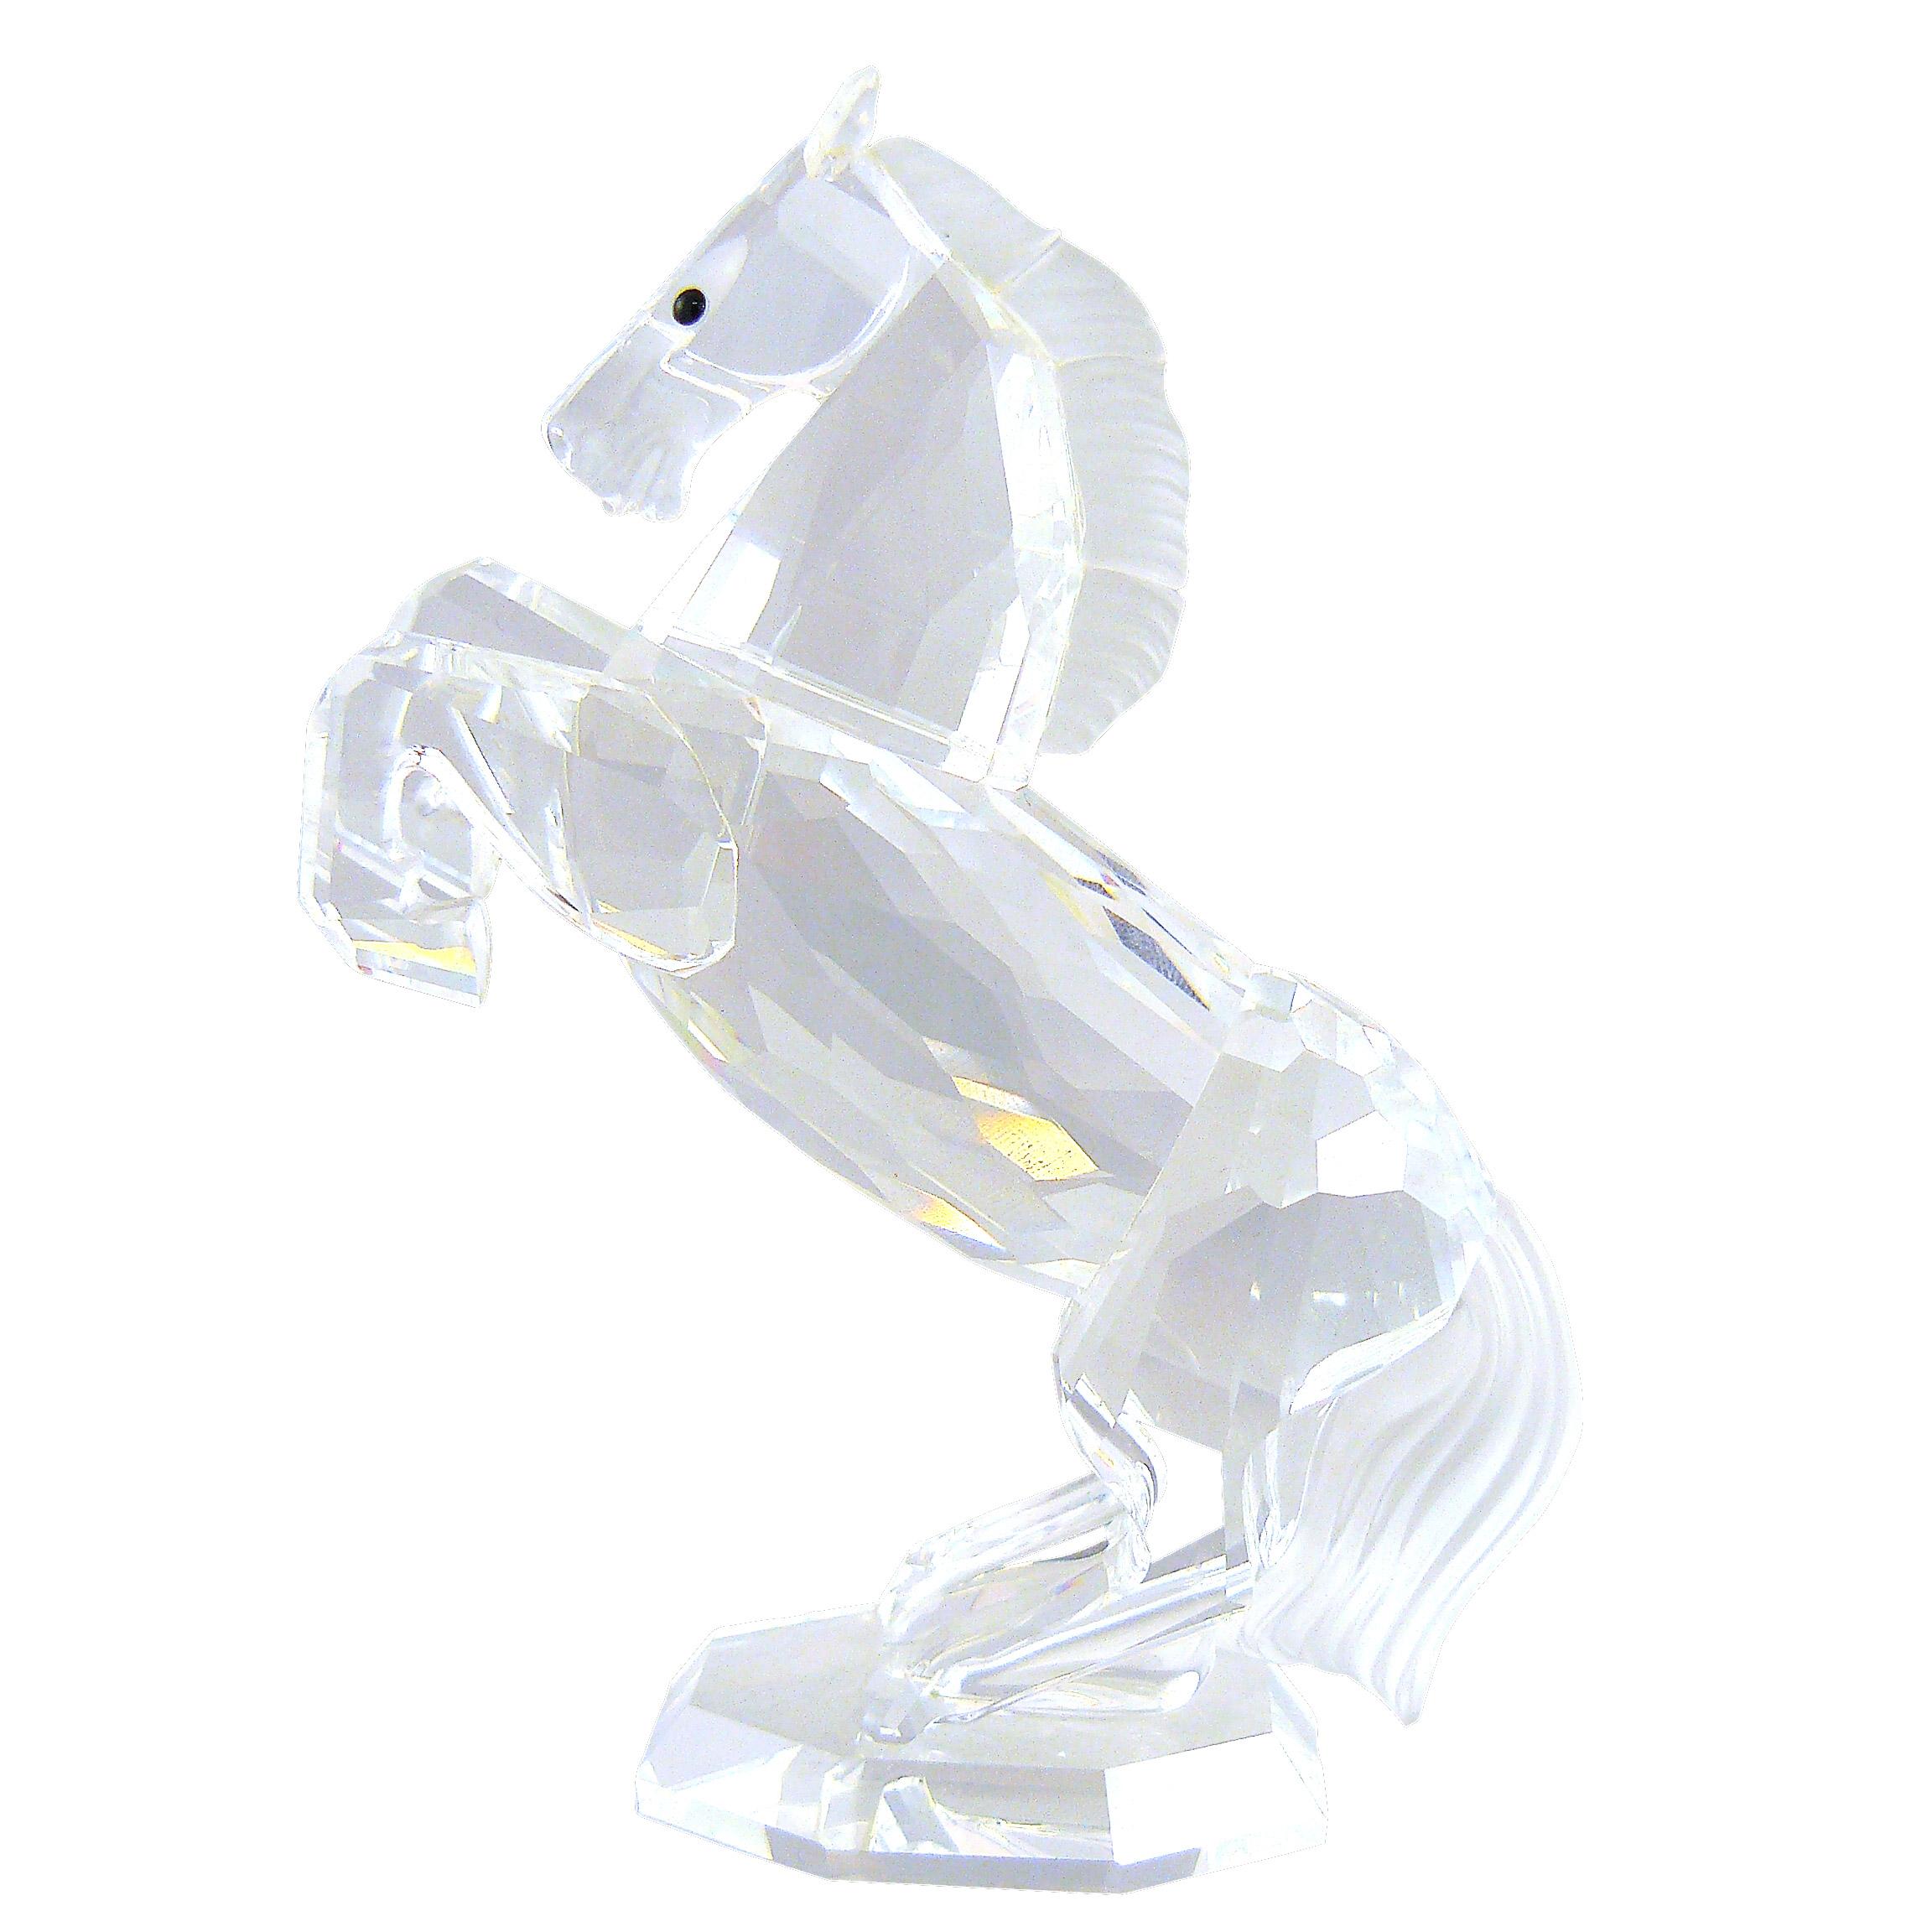 Swarovski Crystal Διακοσμητικό 'Αλογο